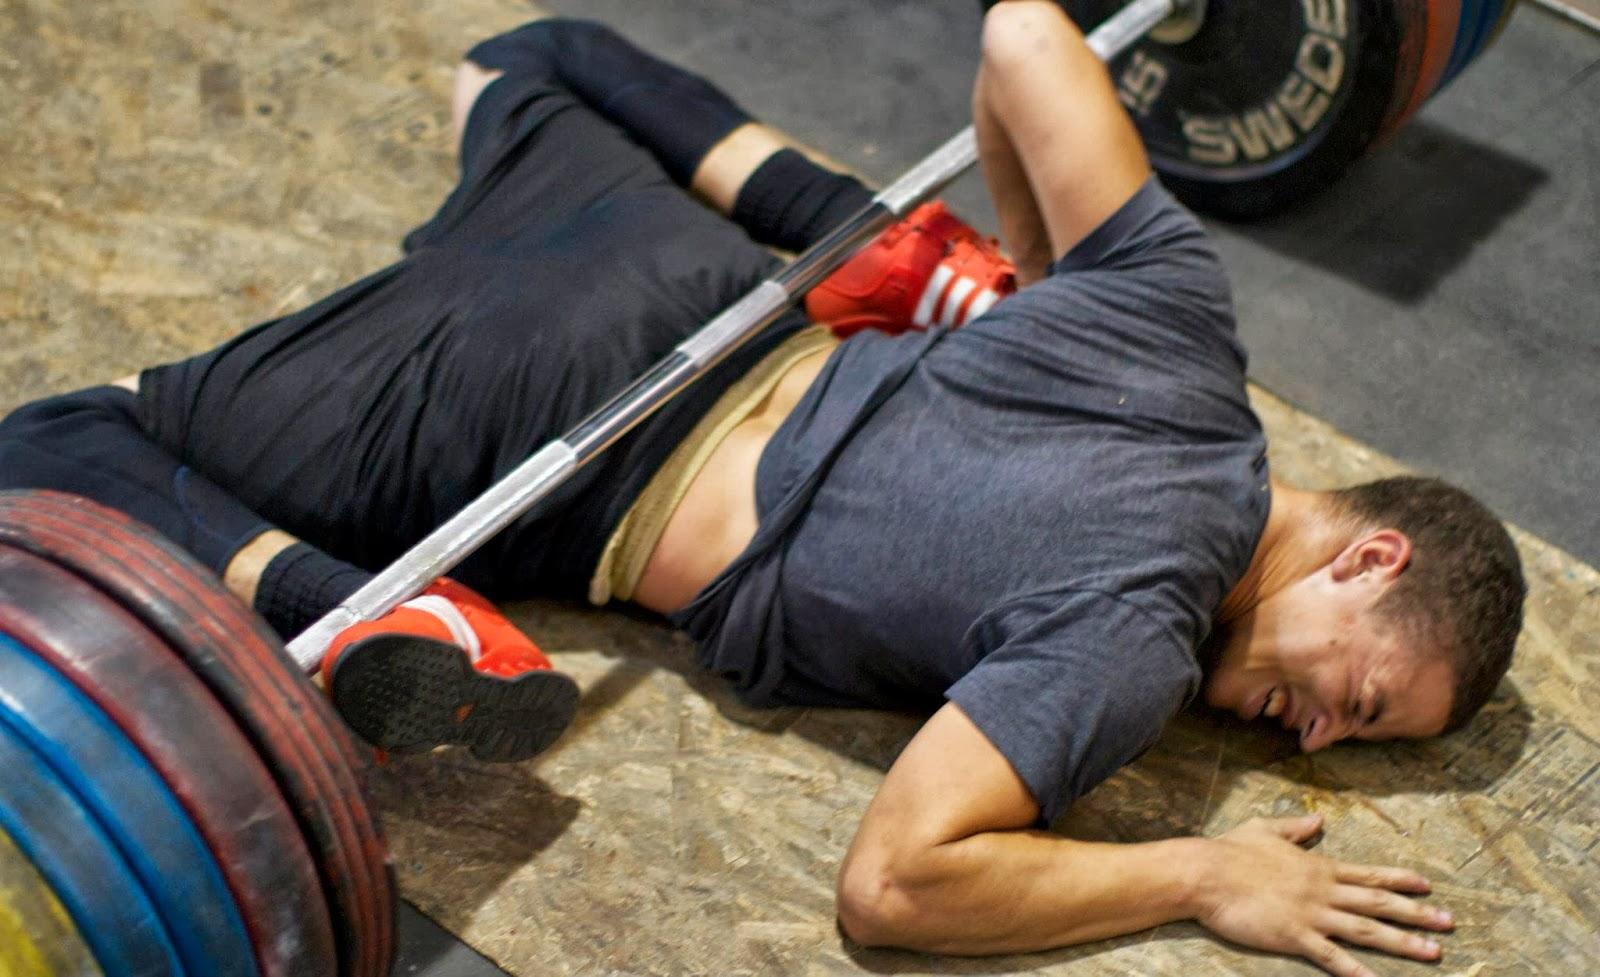 [JEU] Ressemblance avec l'image d'au dessus  Musculation-jambes-fail